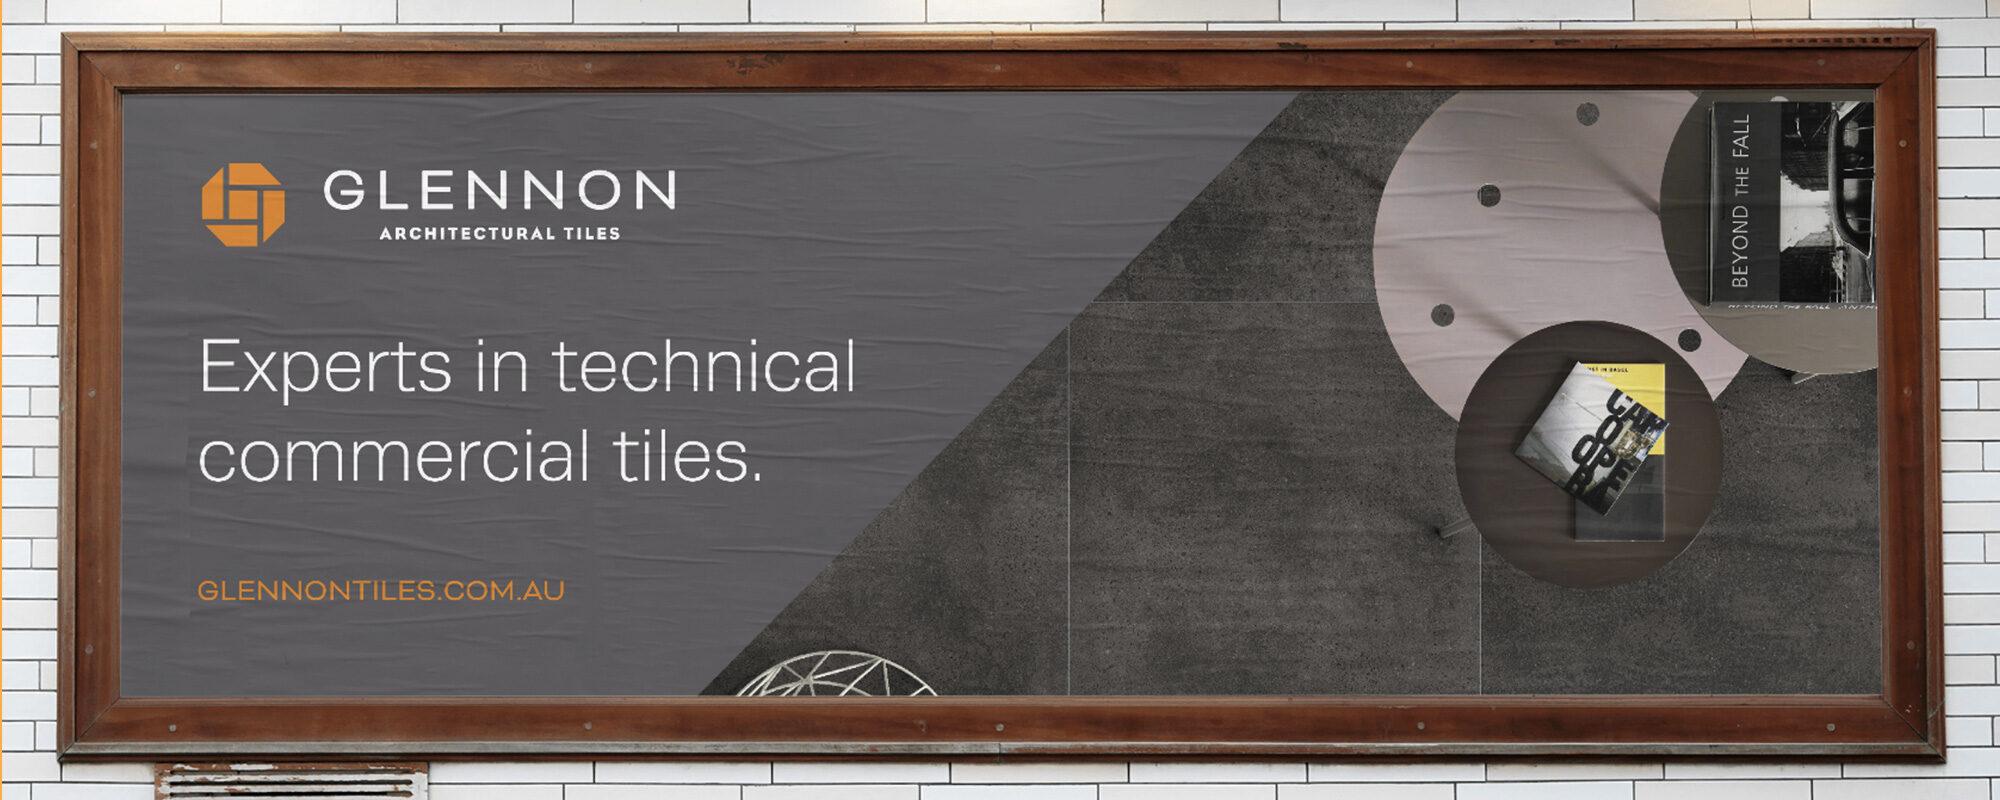 Glennon Tiles billboard design